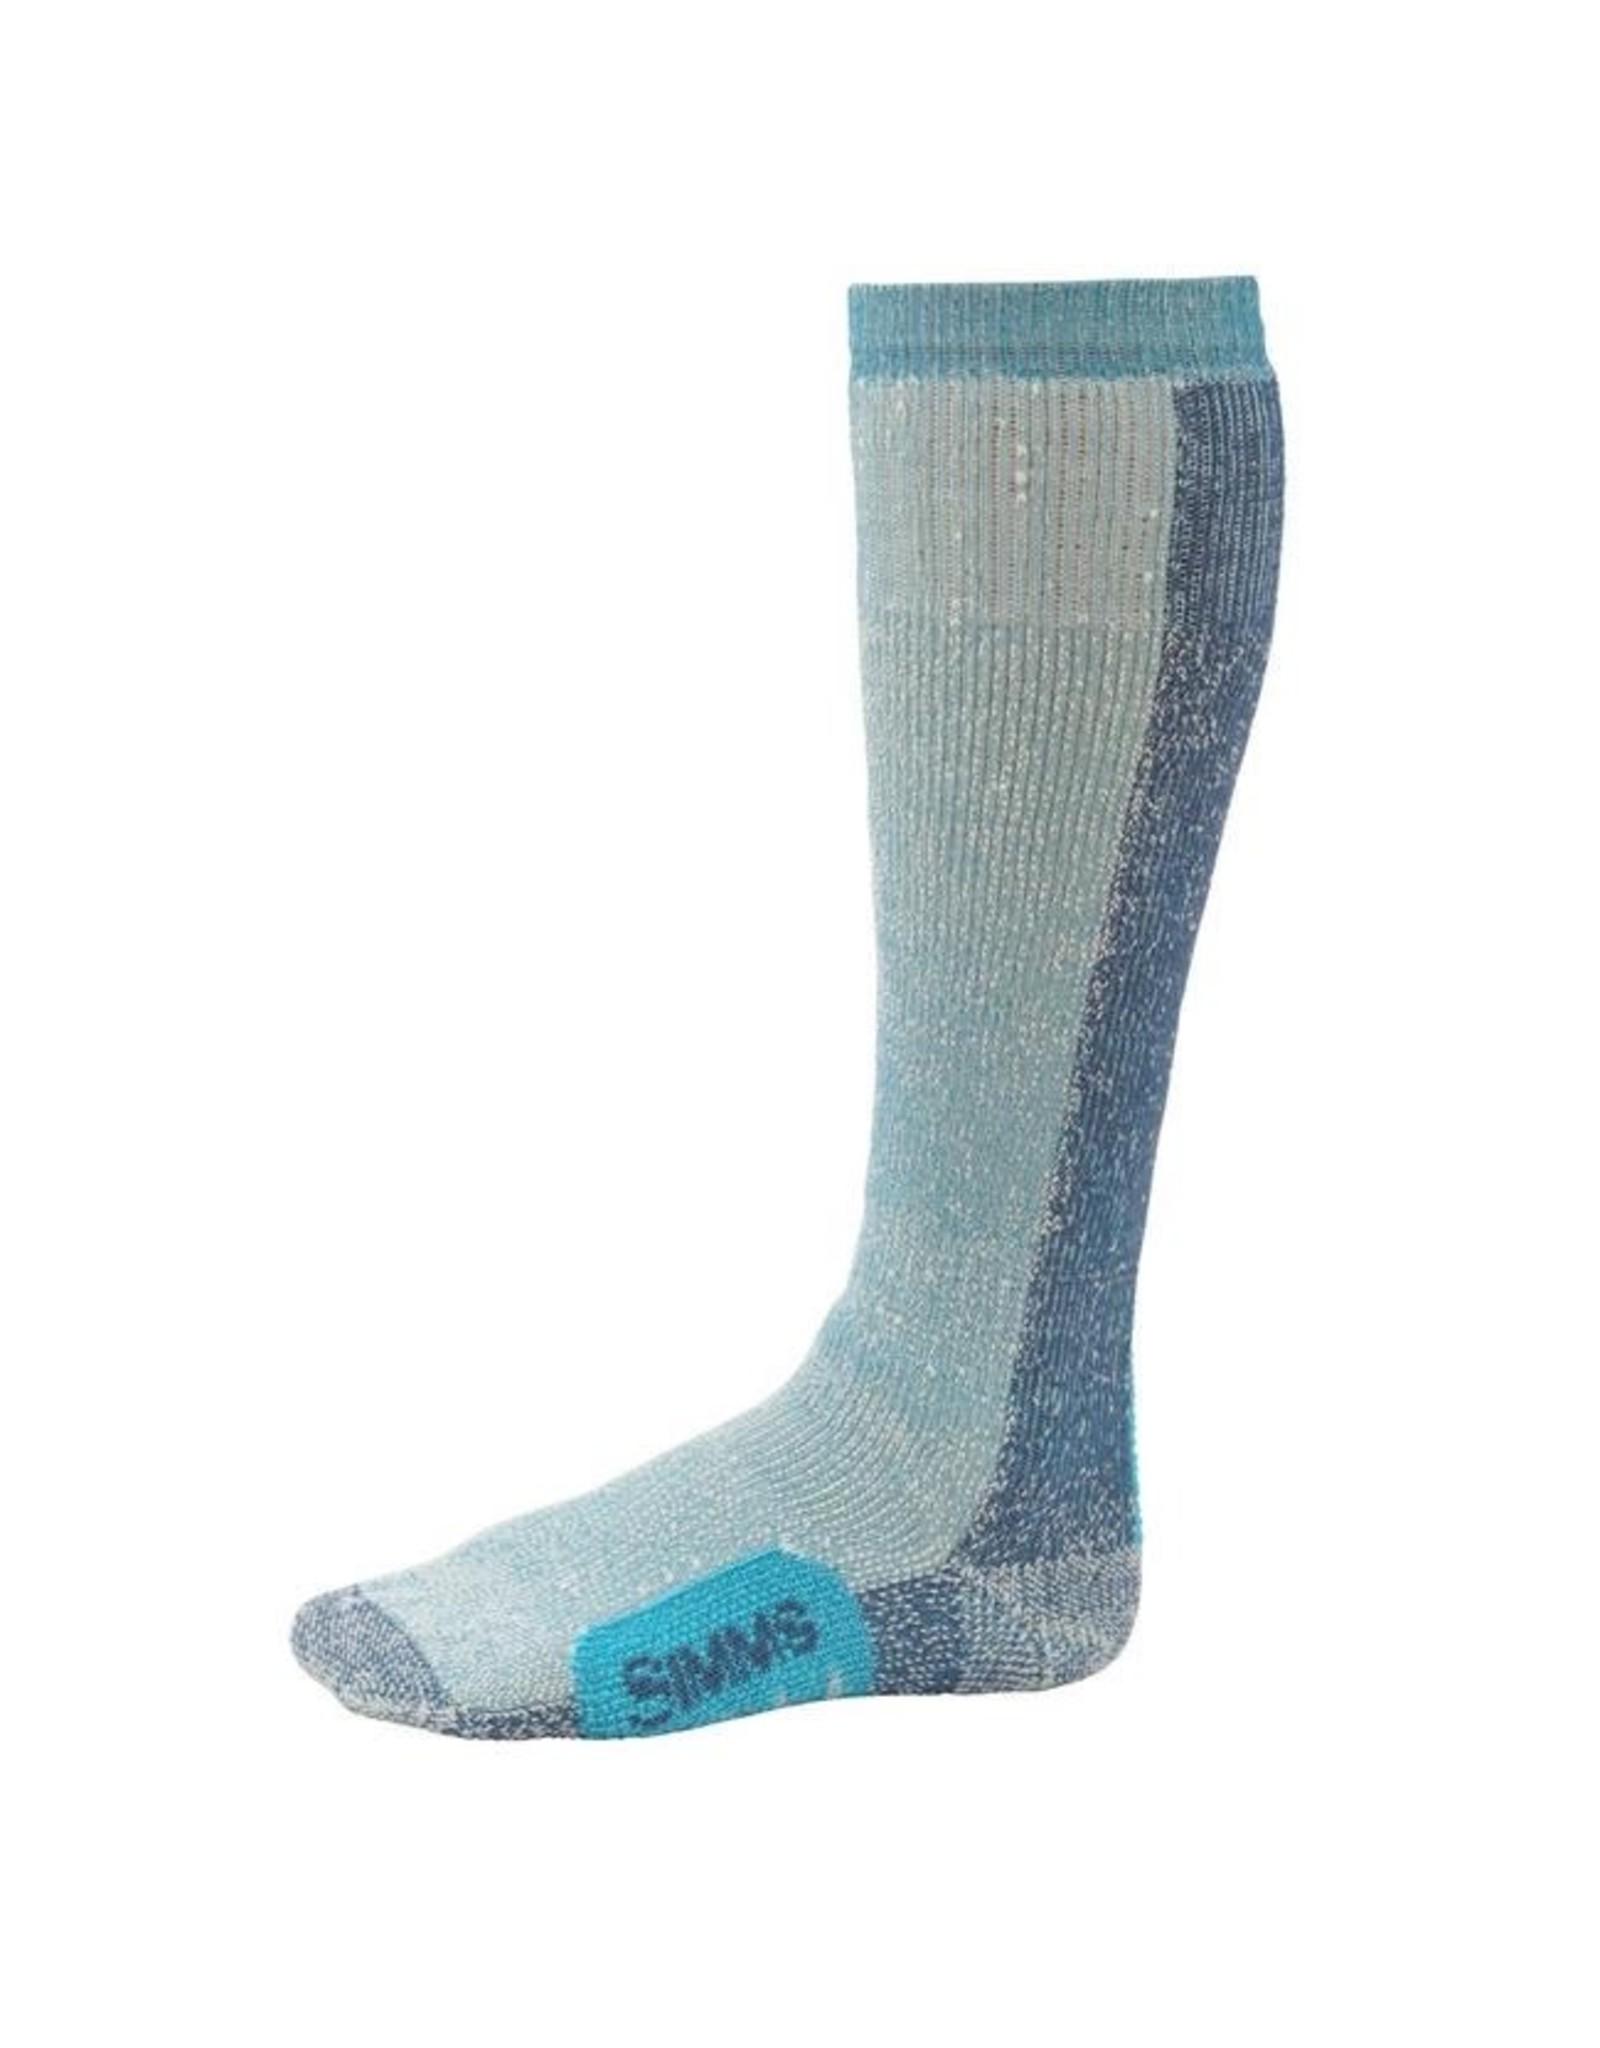 Simms Women's Guide Thermal Socks - Medium